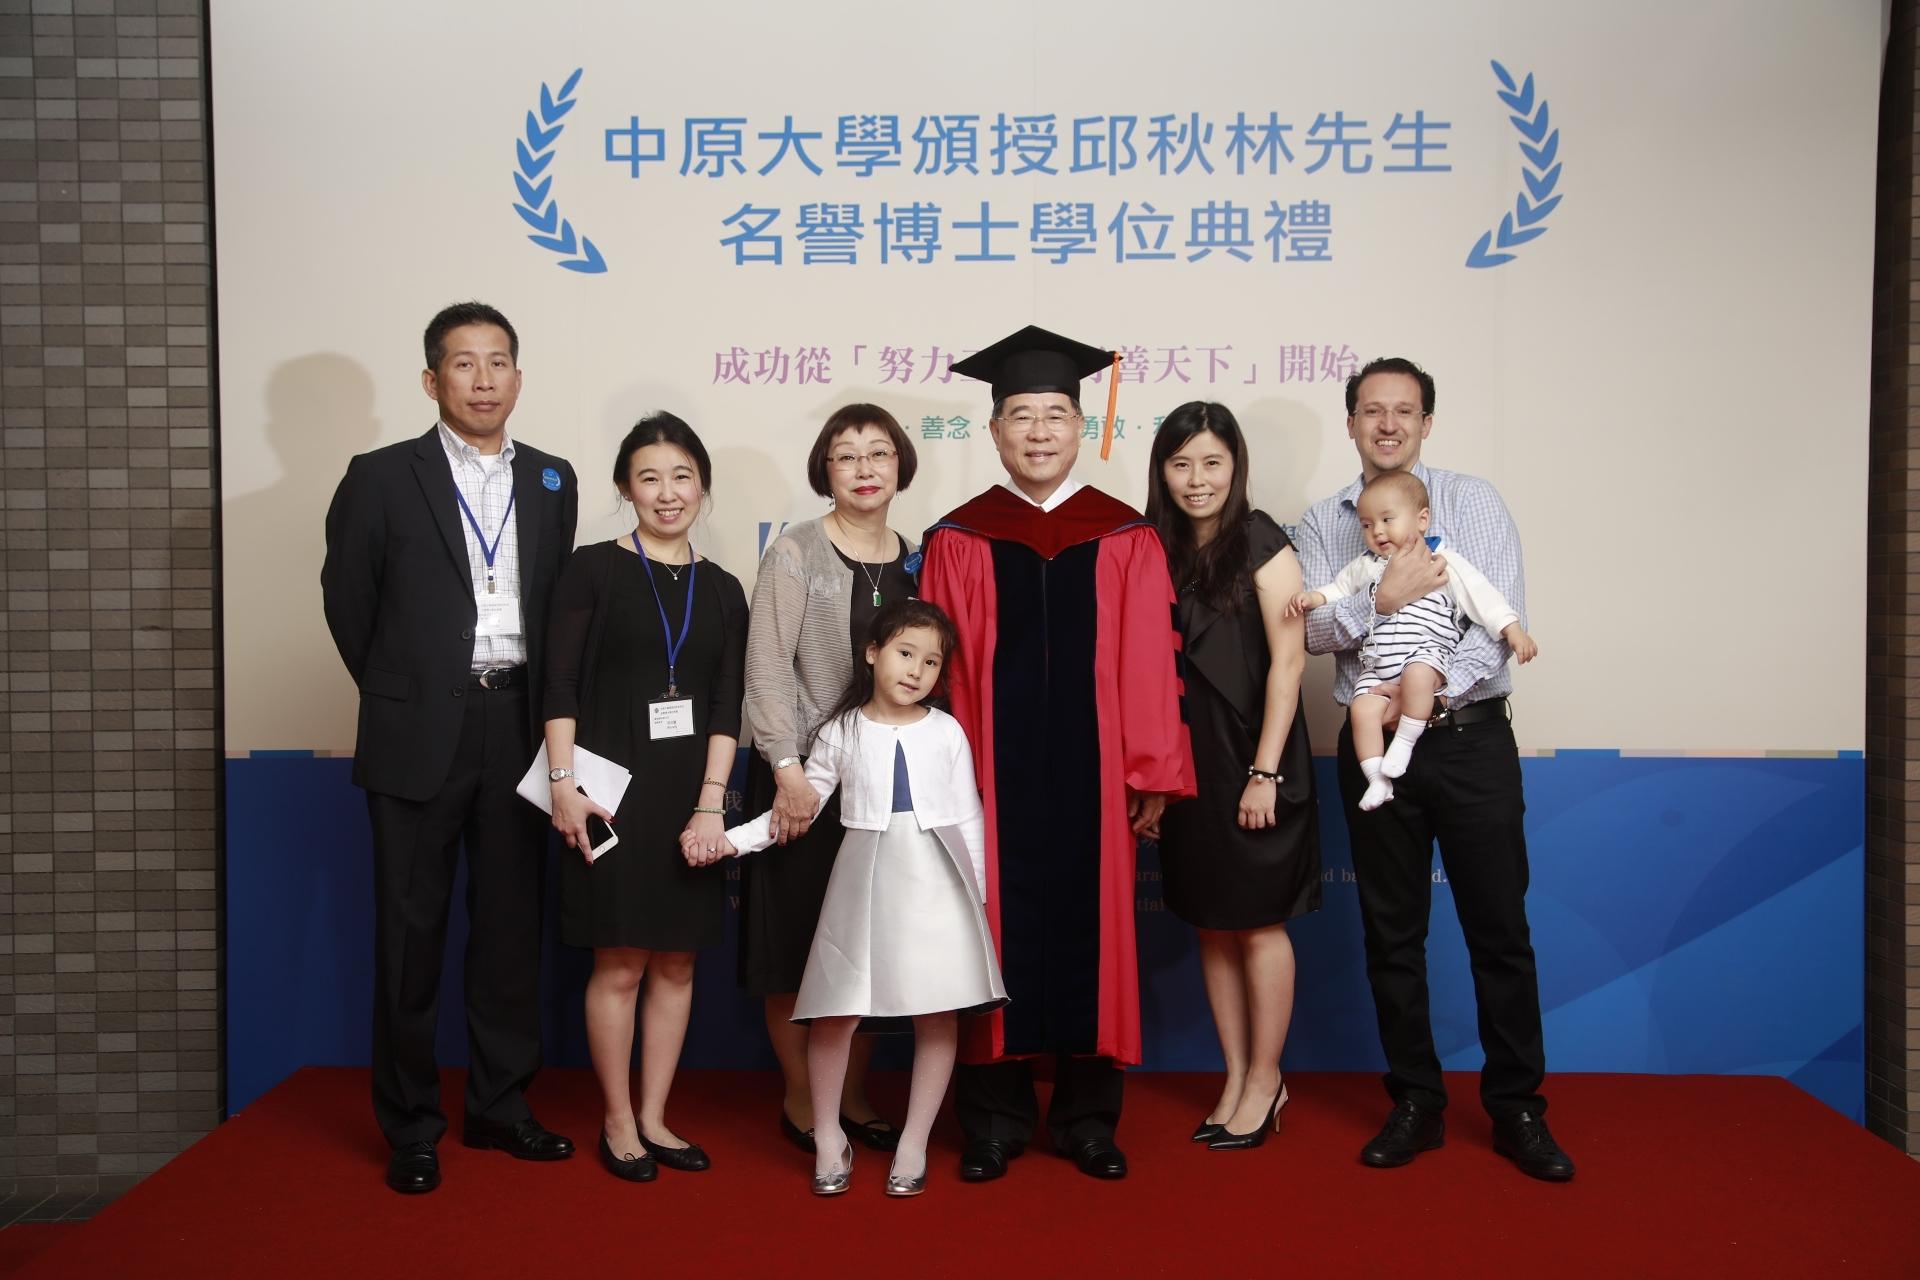 1060525-校友邱秋林獲頒名譽博士_170525_0005.jpg